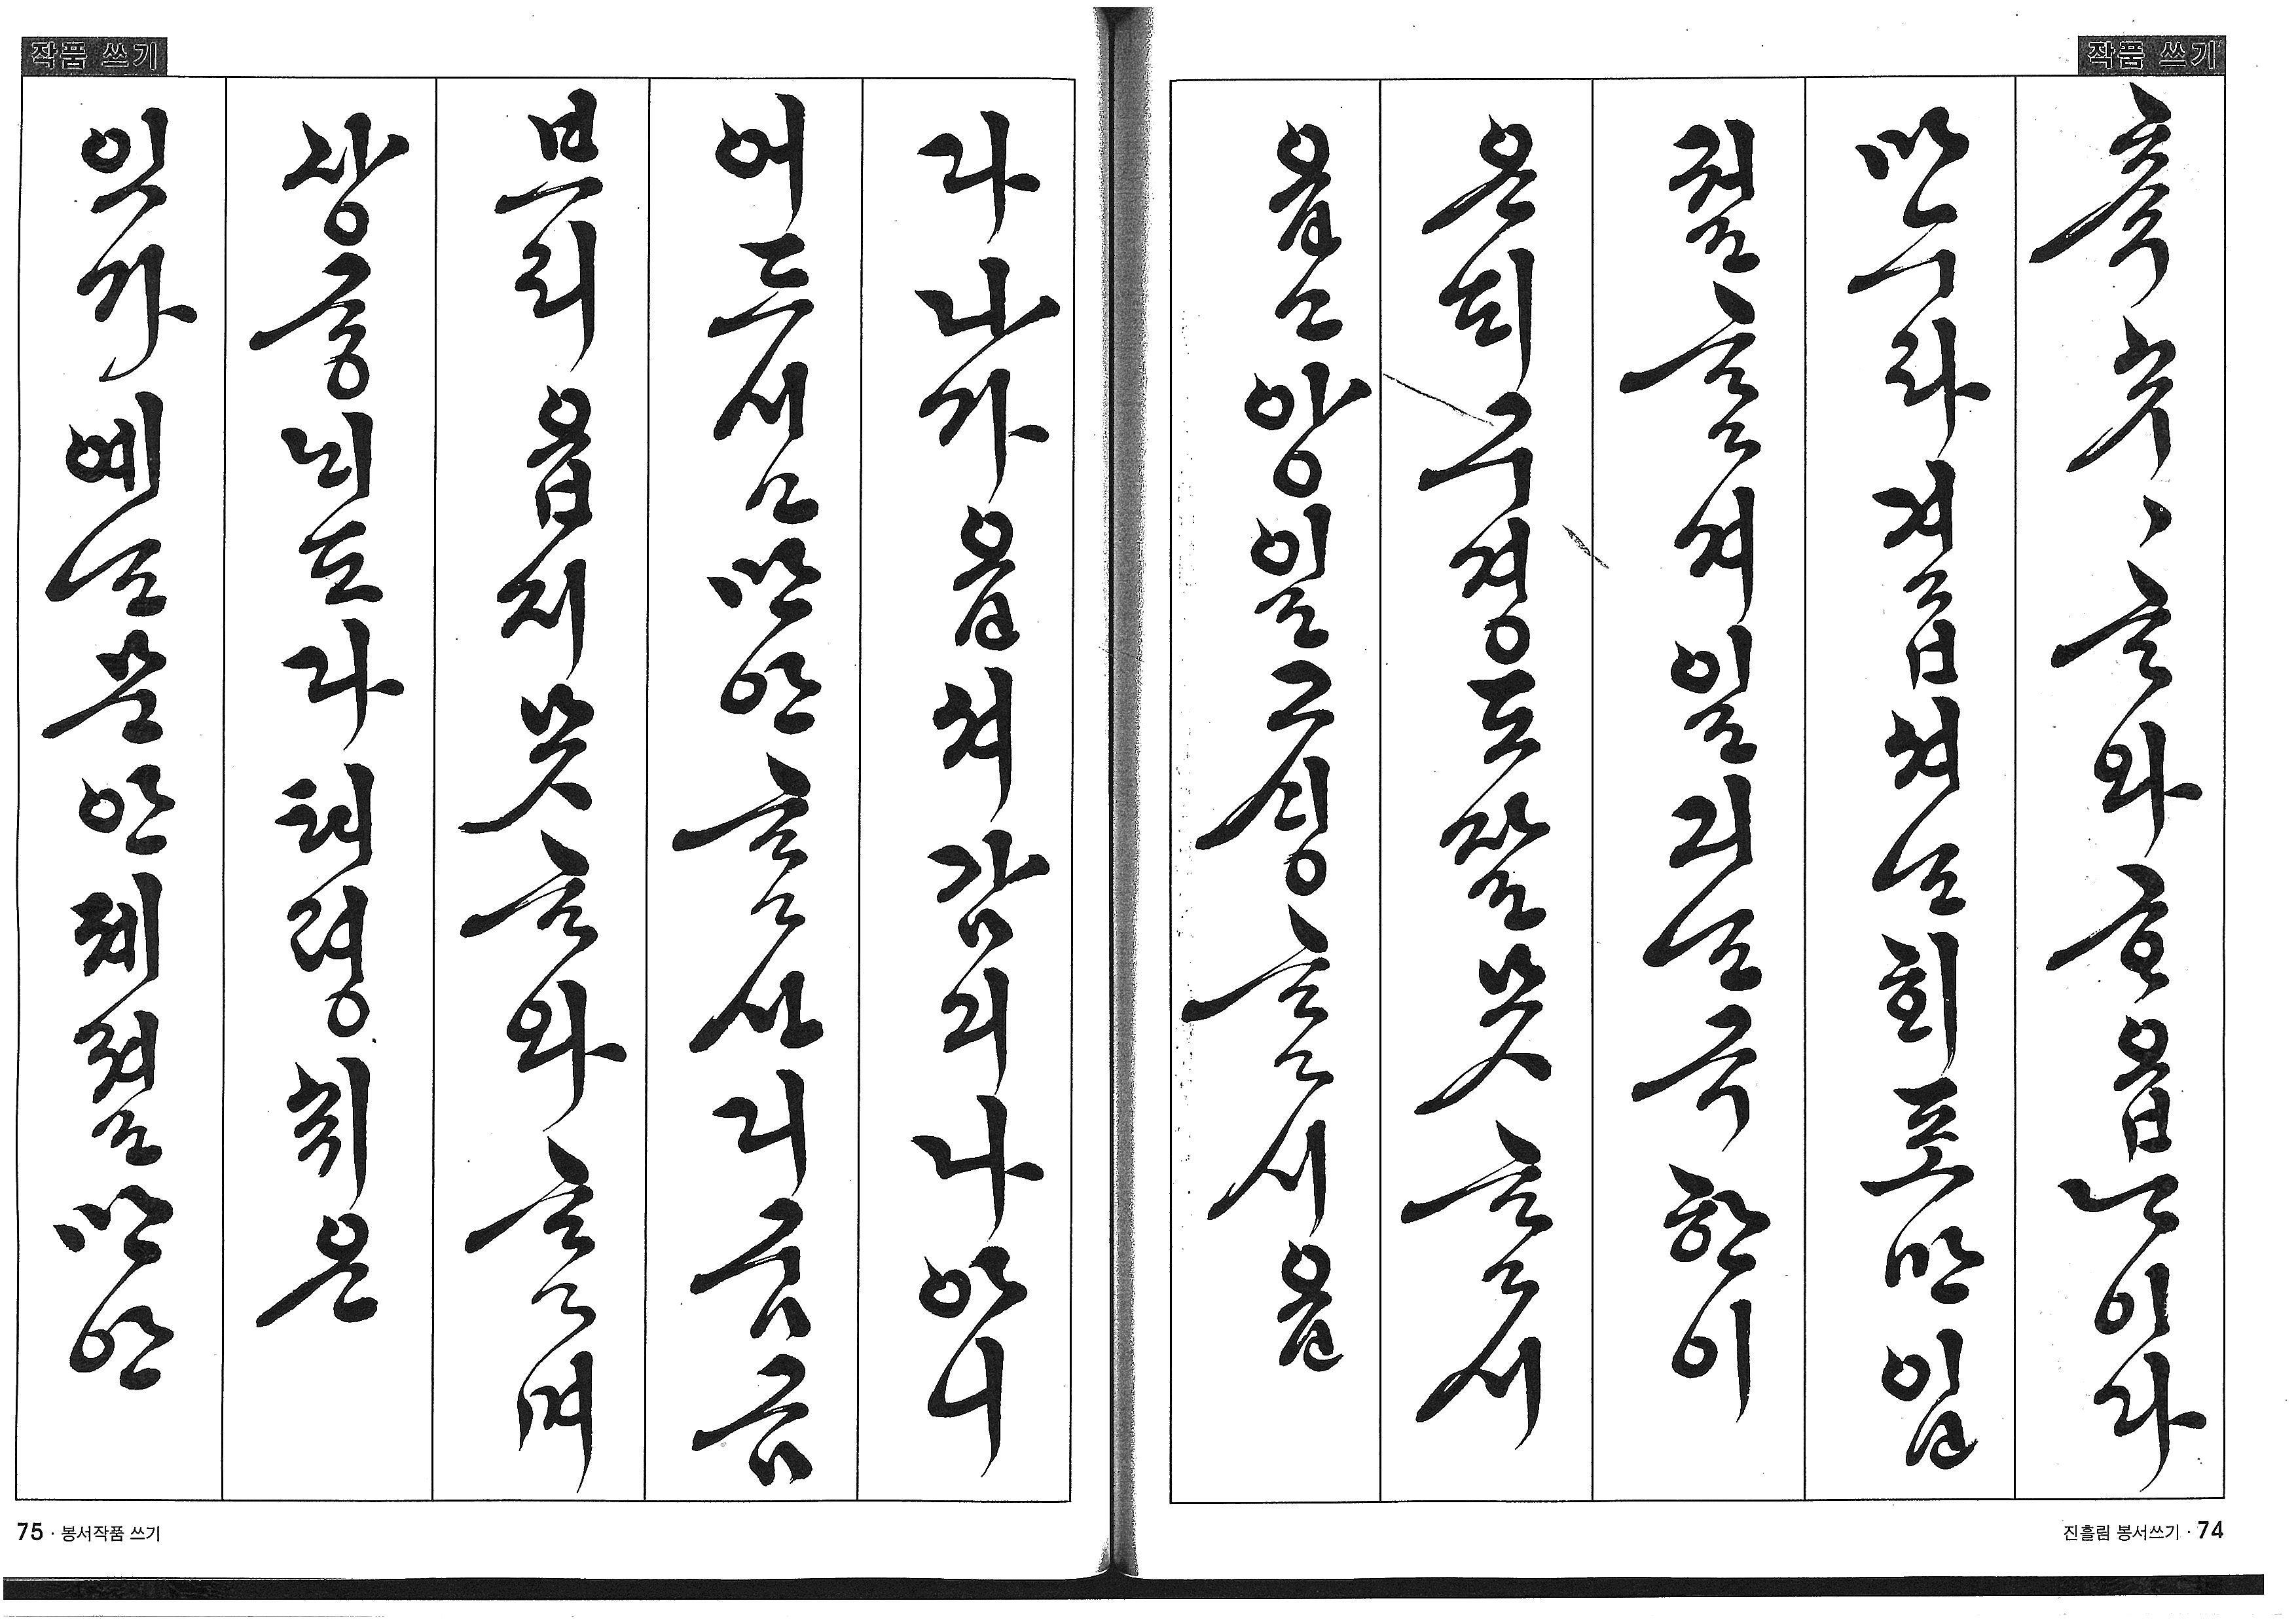 T115b R1 김세현 06 한권으로 쓰는 한글서예 판본 고체에서 진흘림 봉서까지 이재욱 한글 진흘림을 연구한 이재욱의 작품이다 작가가 서예에 대한 공부의 과정이 드러나도록 책의 순서를 정했다고 한다 봉서란 밀봉된 편지를 뜻한다 봉서를